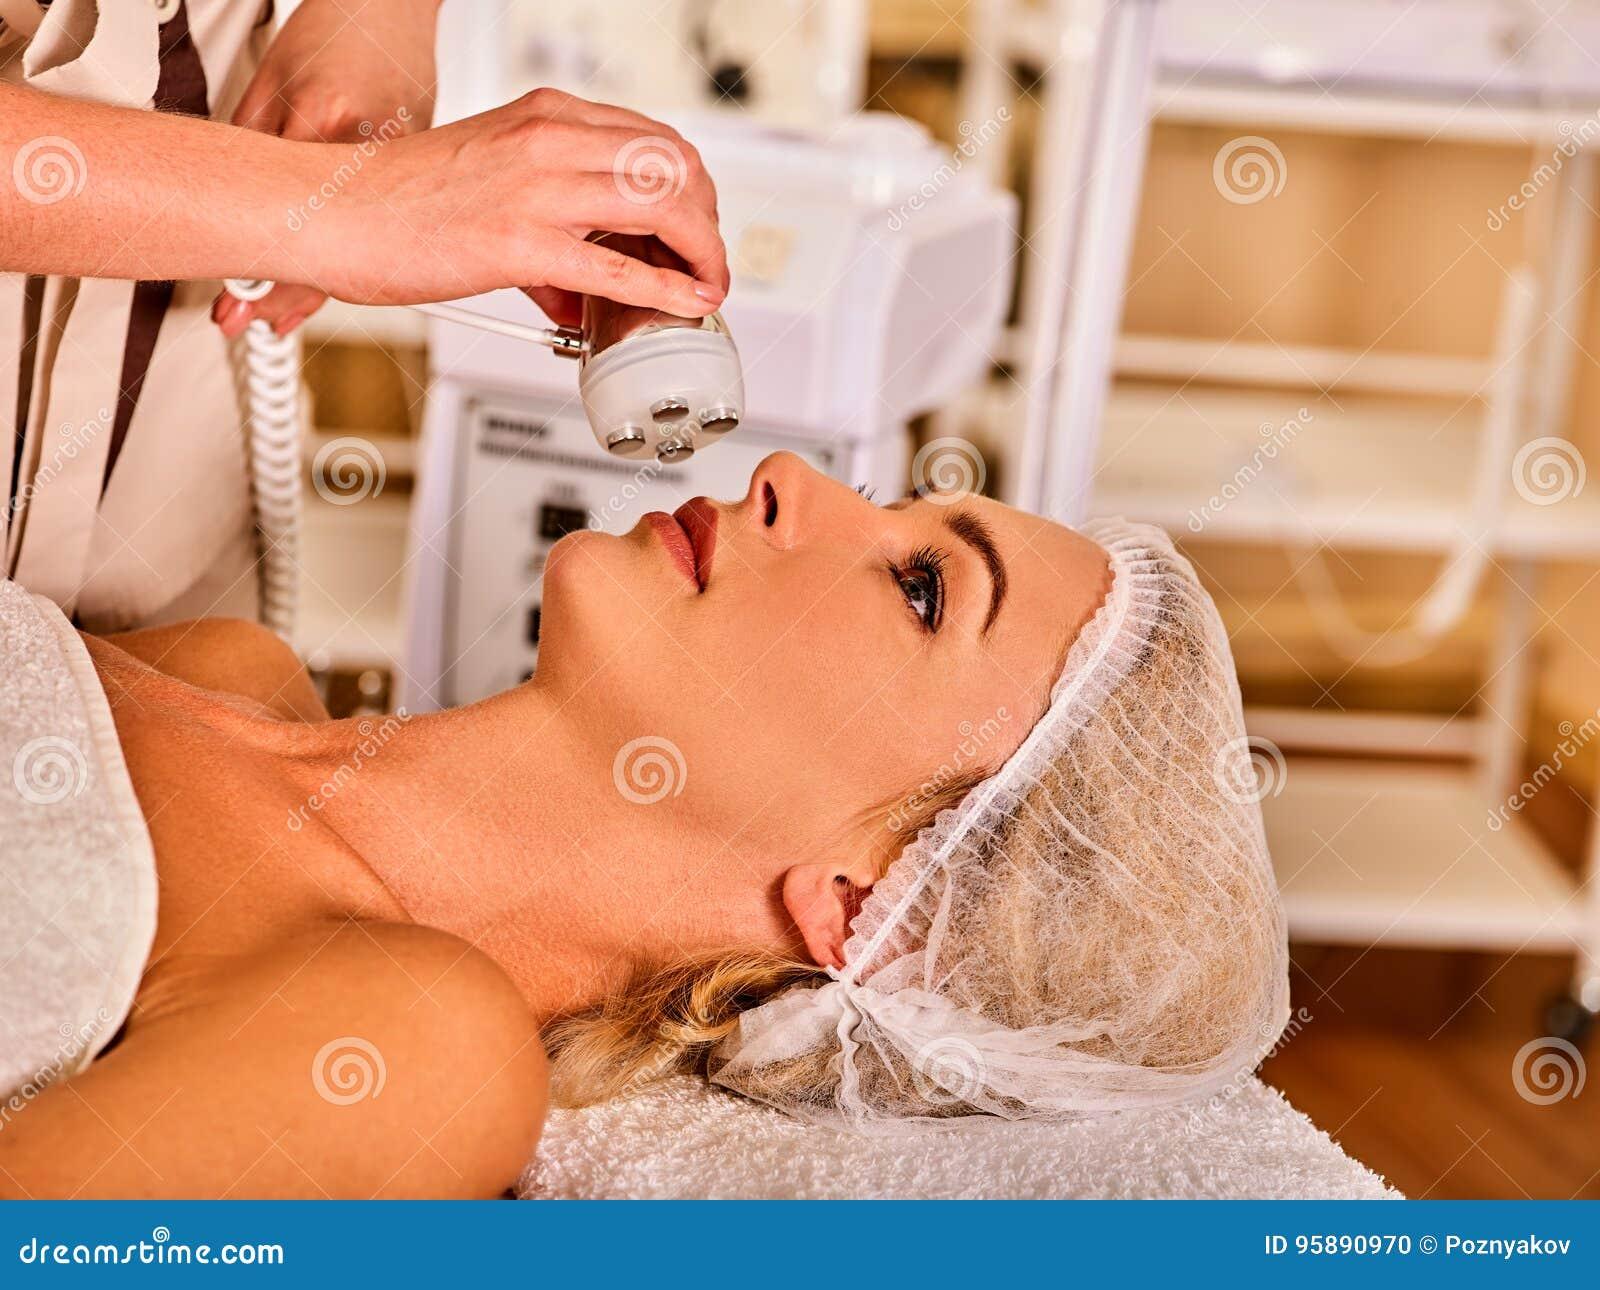 Skóra wynurza się procedury twarzową procedurę na ultradźwięk twarzy maszynie